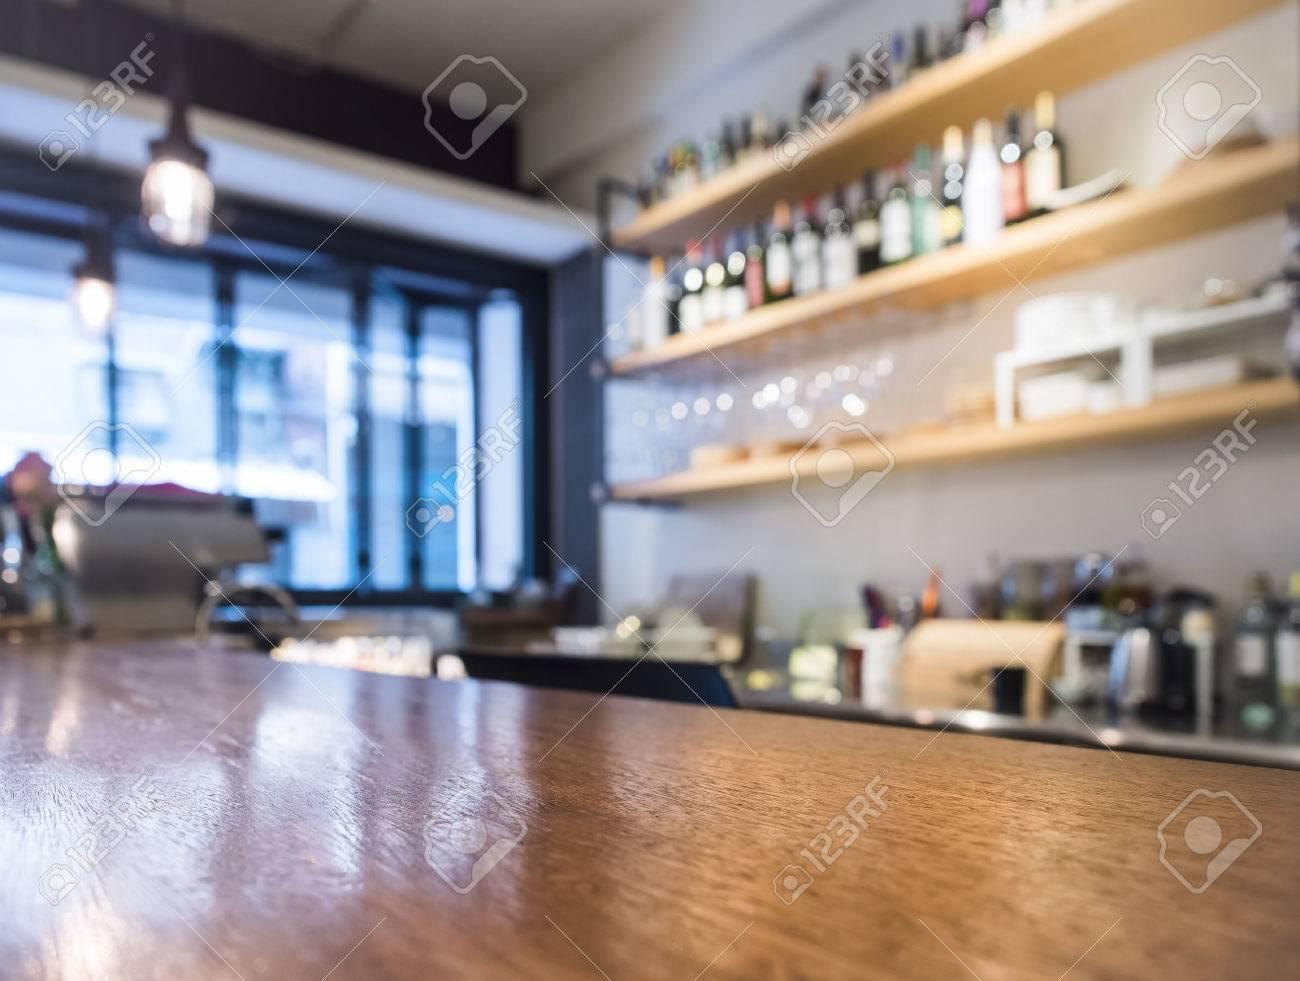 Il piano d\'appoggio con mensola della cucina caffè bar con bottiglia